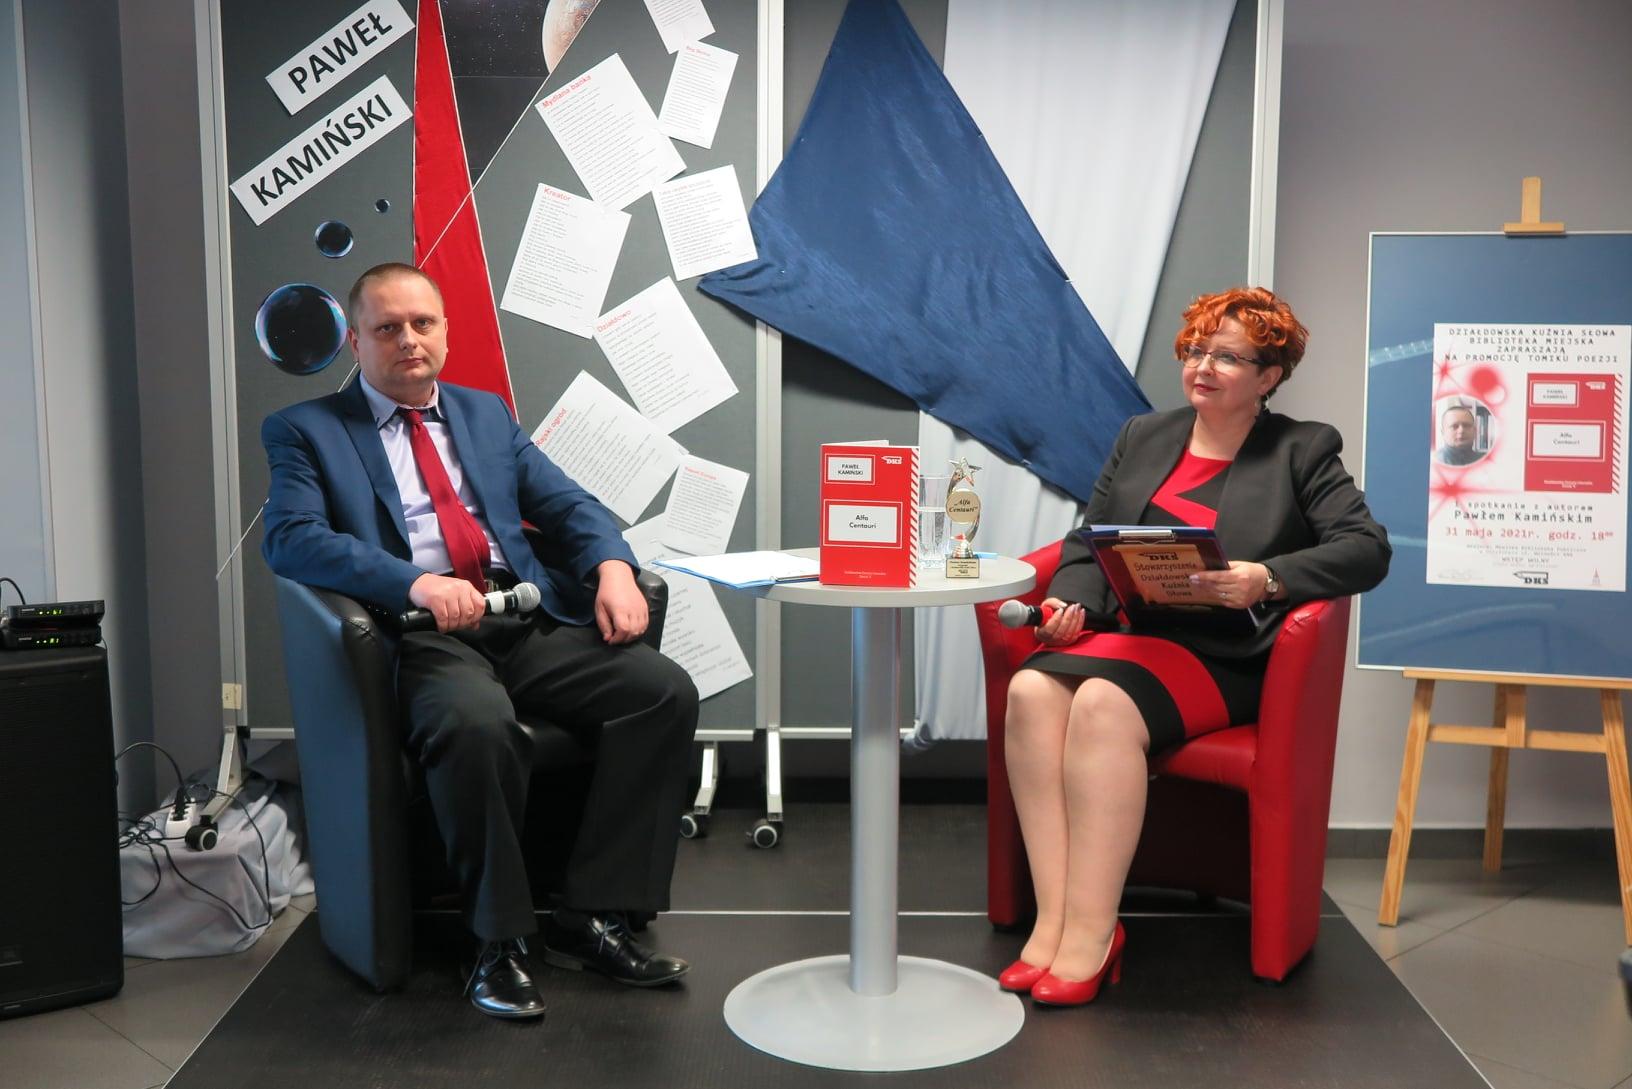 Na scenie postawione dwa fotele, w których zasiadają Paweł Kamiński  i Renata Buczyńska. Obydwoje w dłoniach trzymają mikrofony.